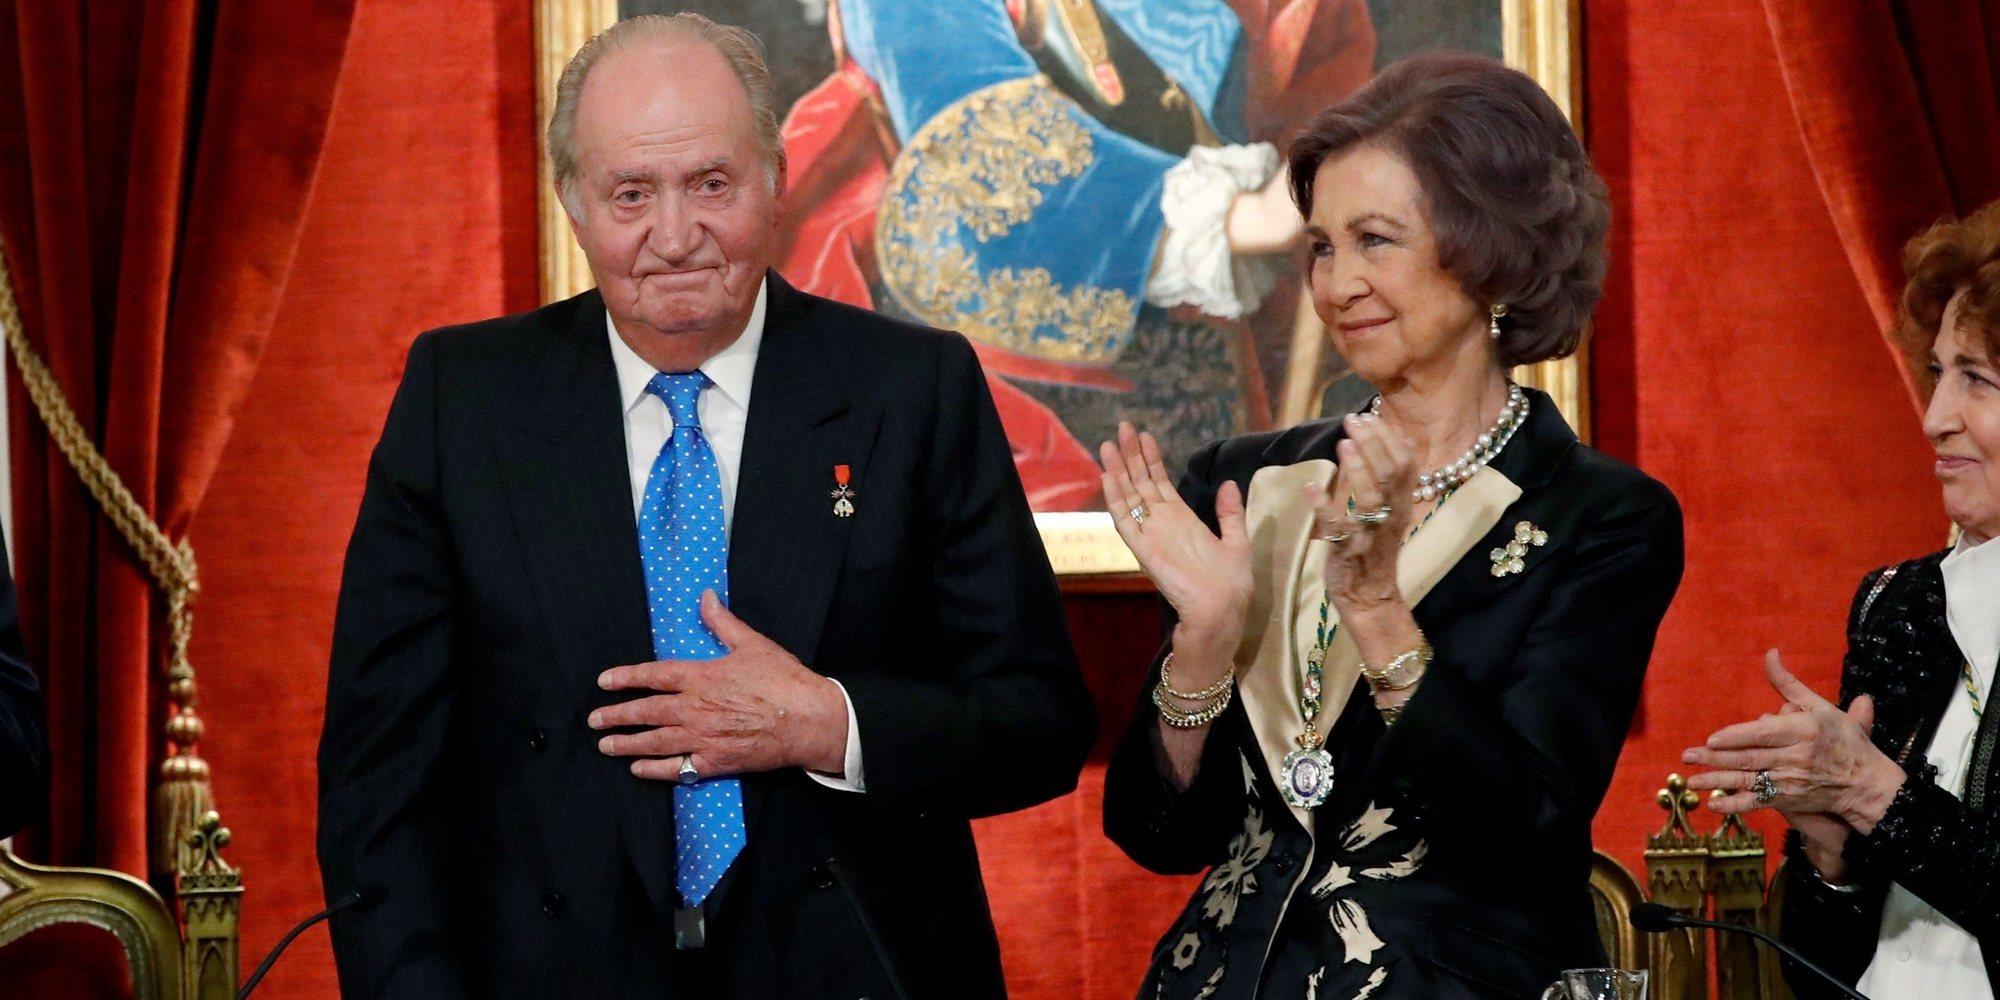 El agradecimiento del Rey Juan Carlos a la Reina Sofía y a la Academia de la Historia por su homenaje de cumpleaños